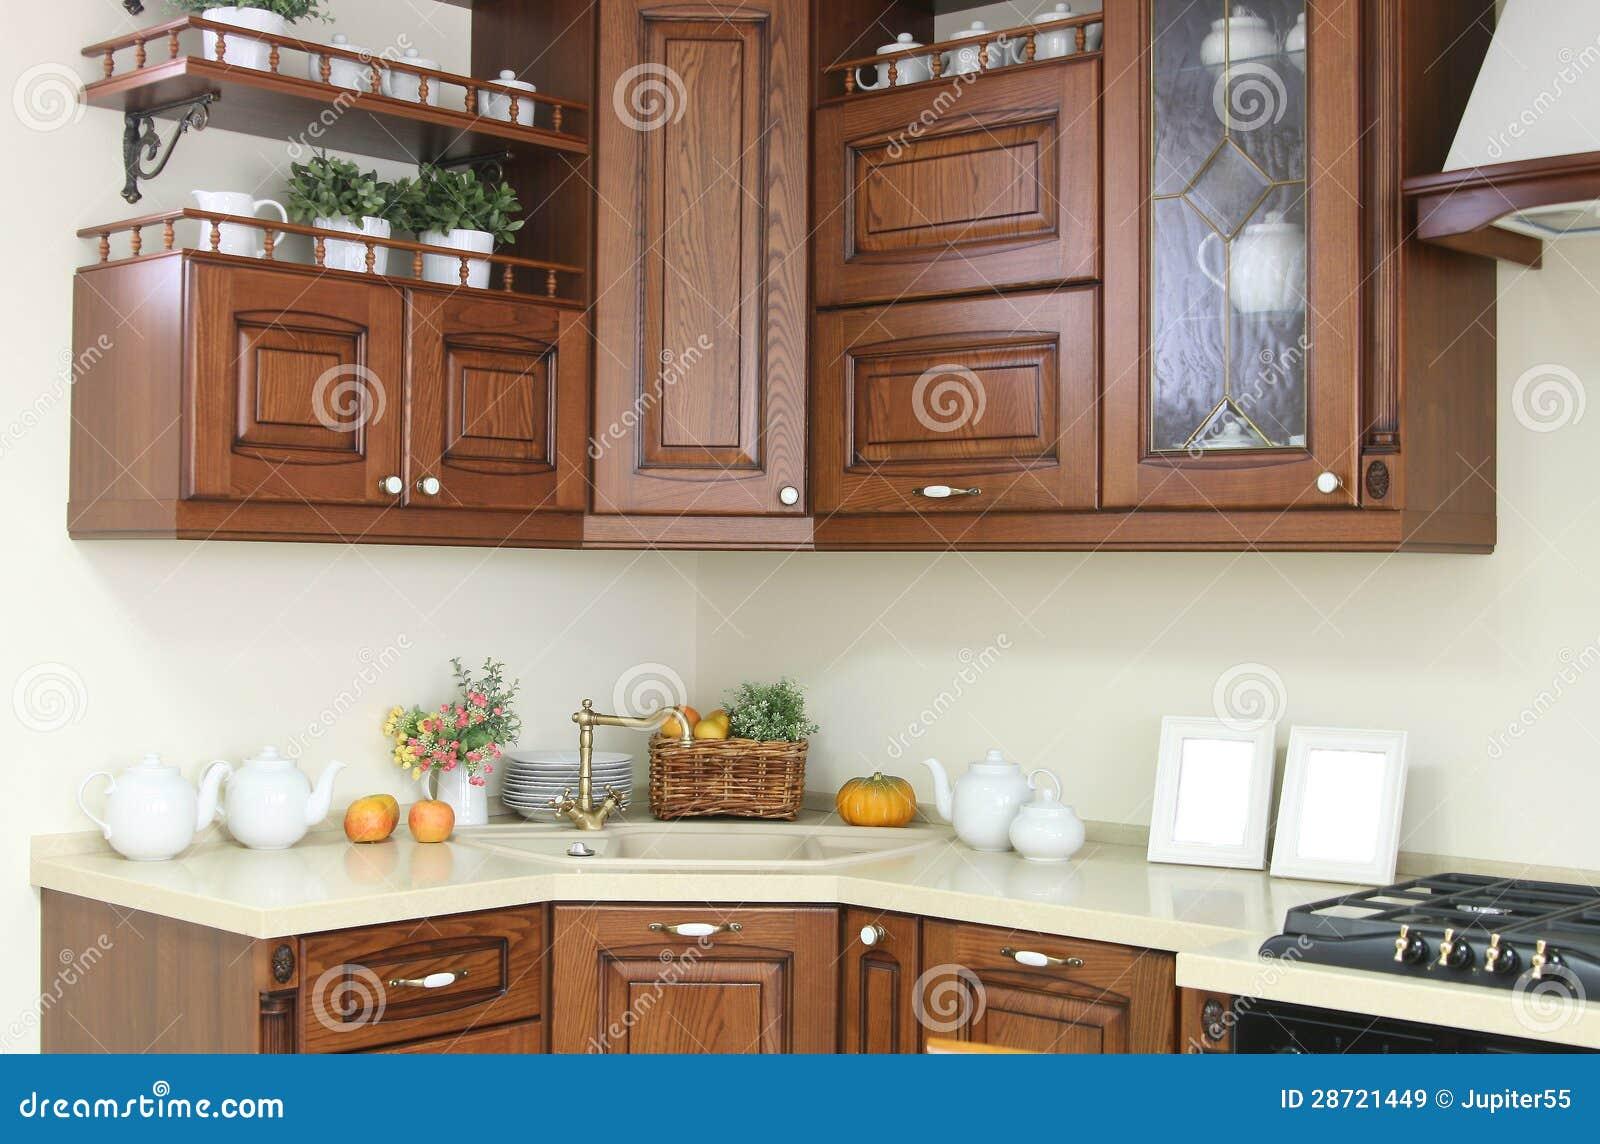 Decoration interieur moderne cuisine for Interieur cuisine deco